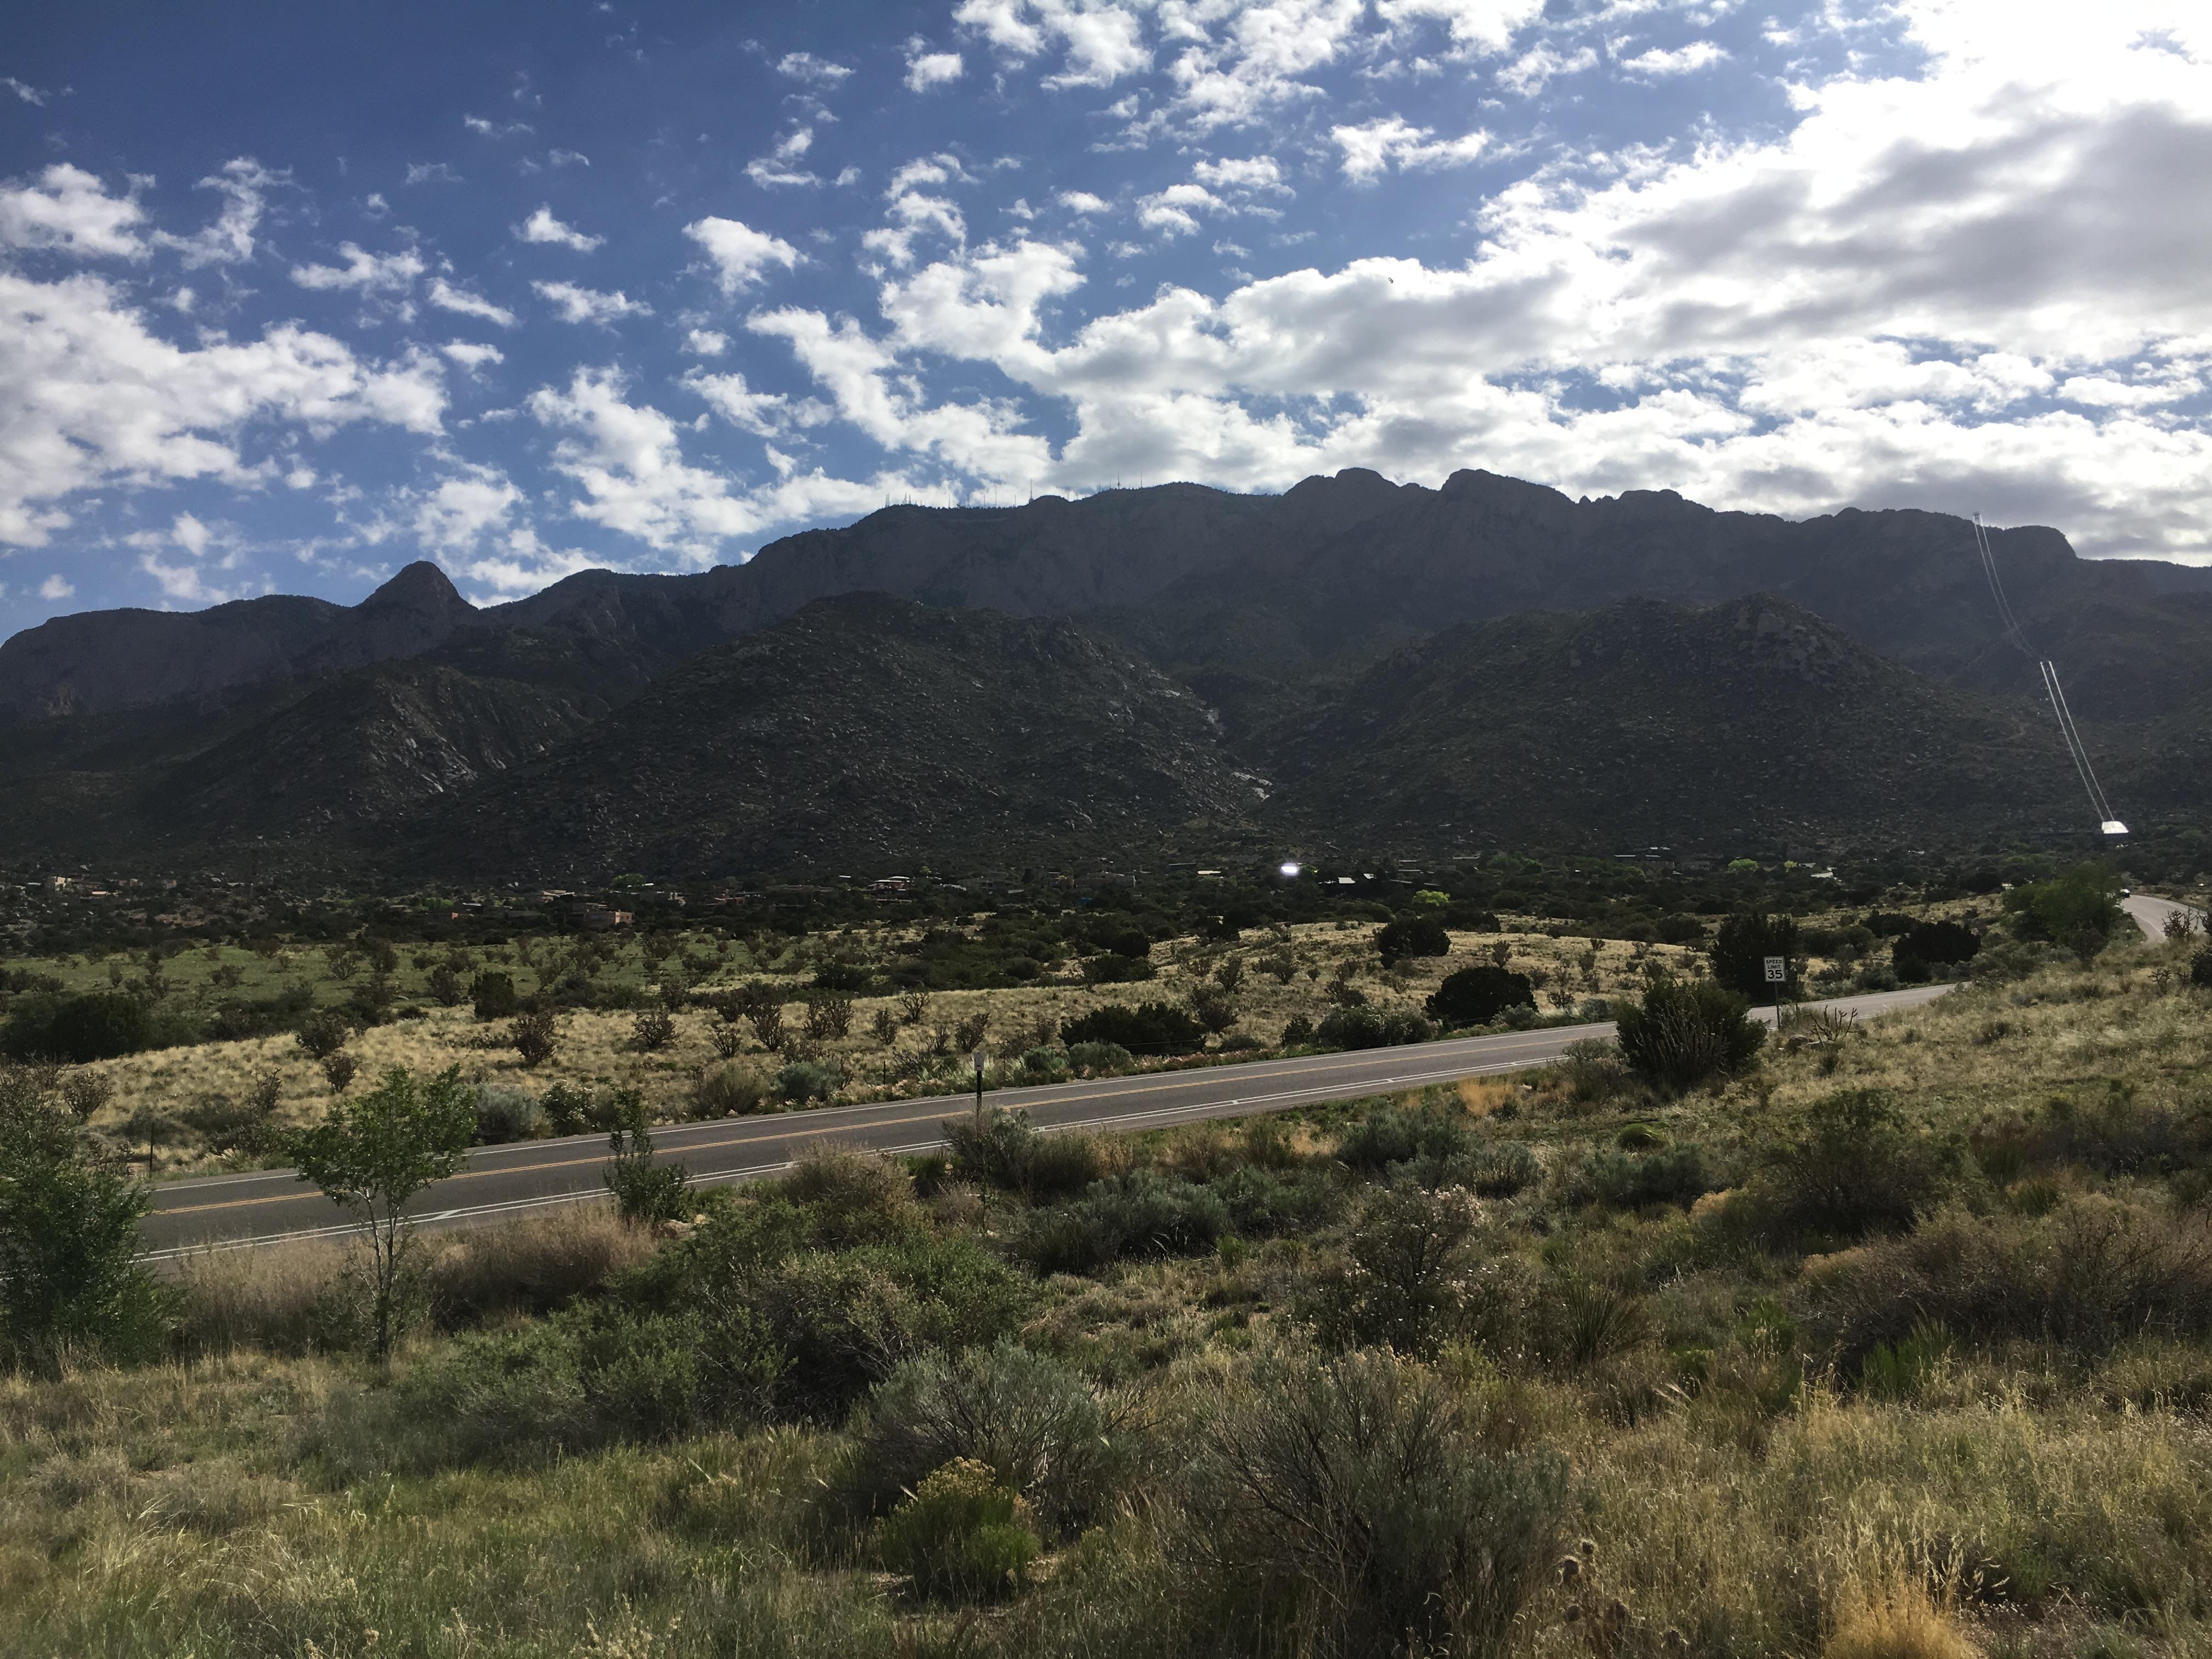 sandia peak: new mexico